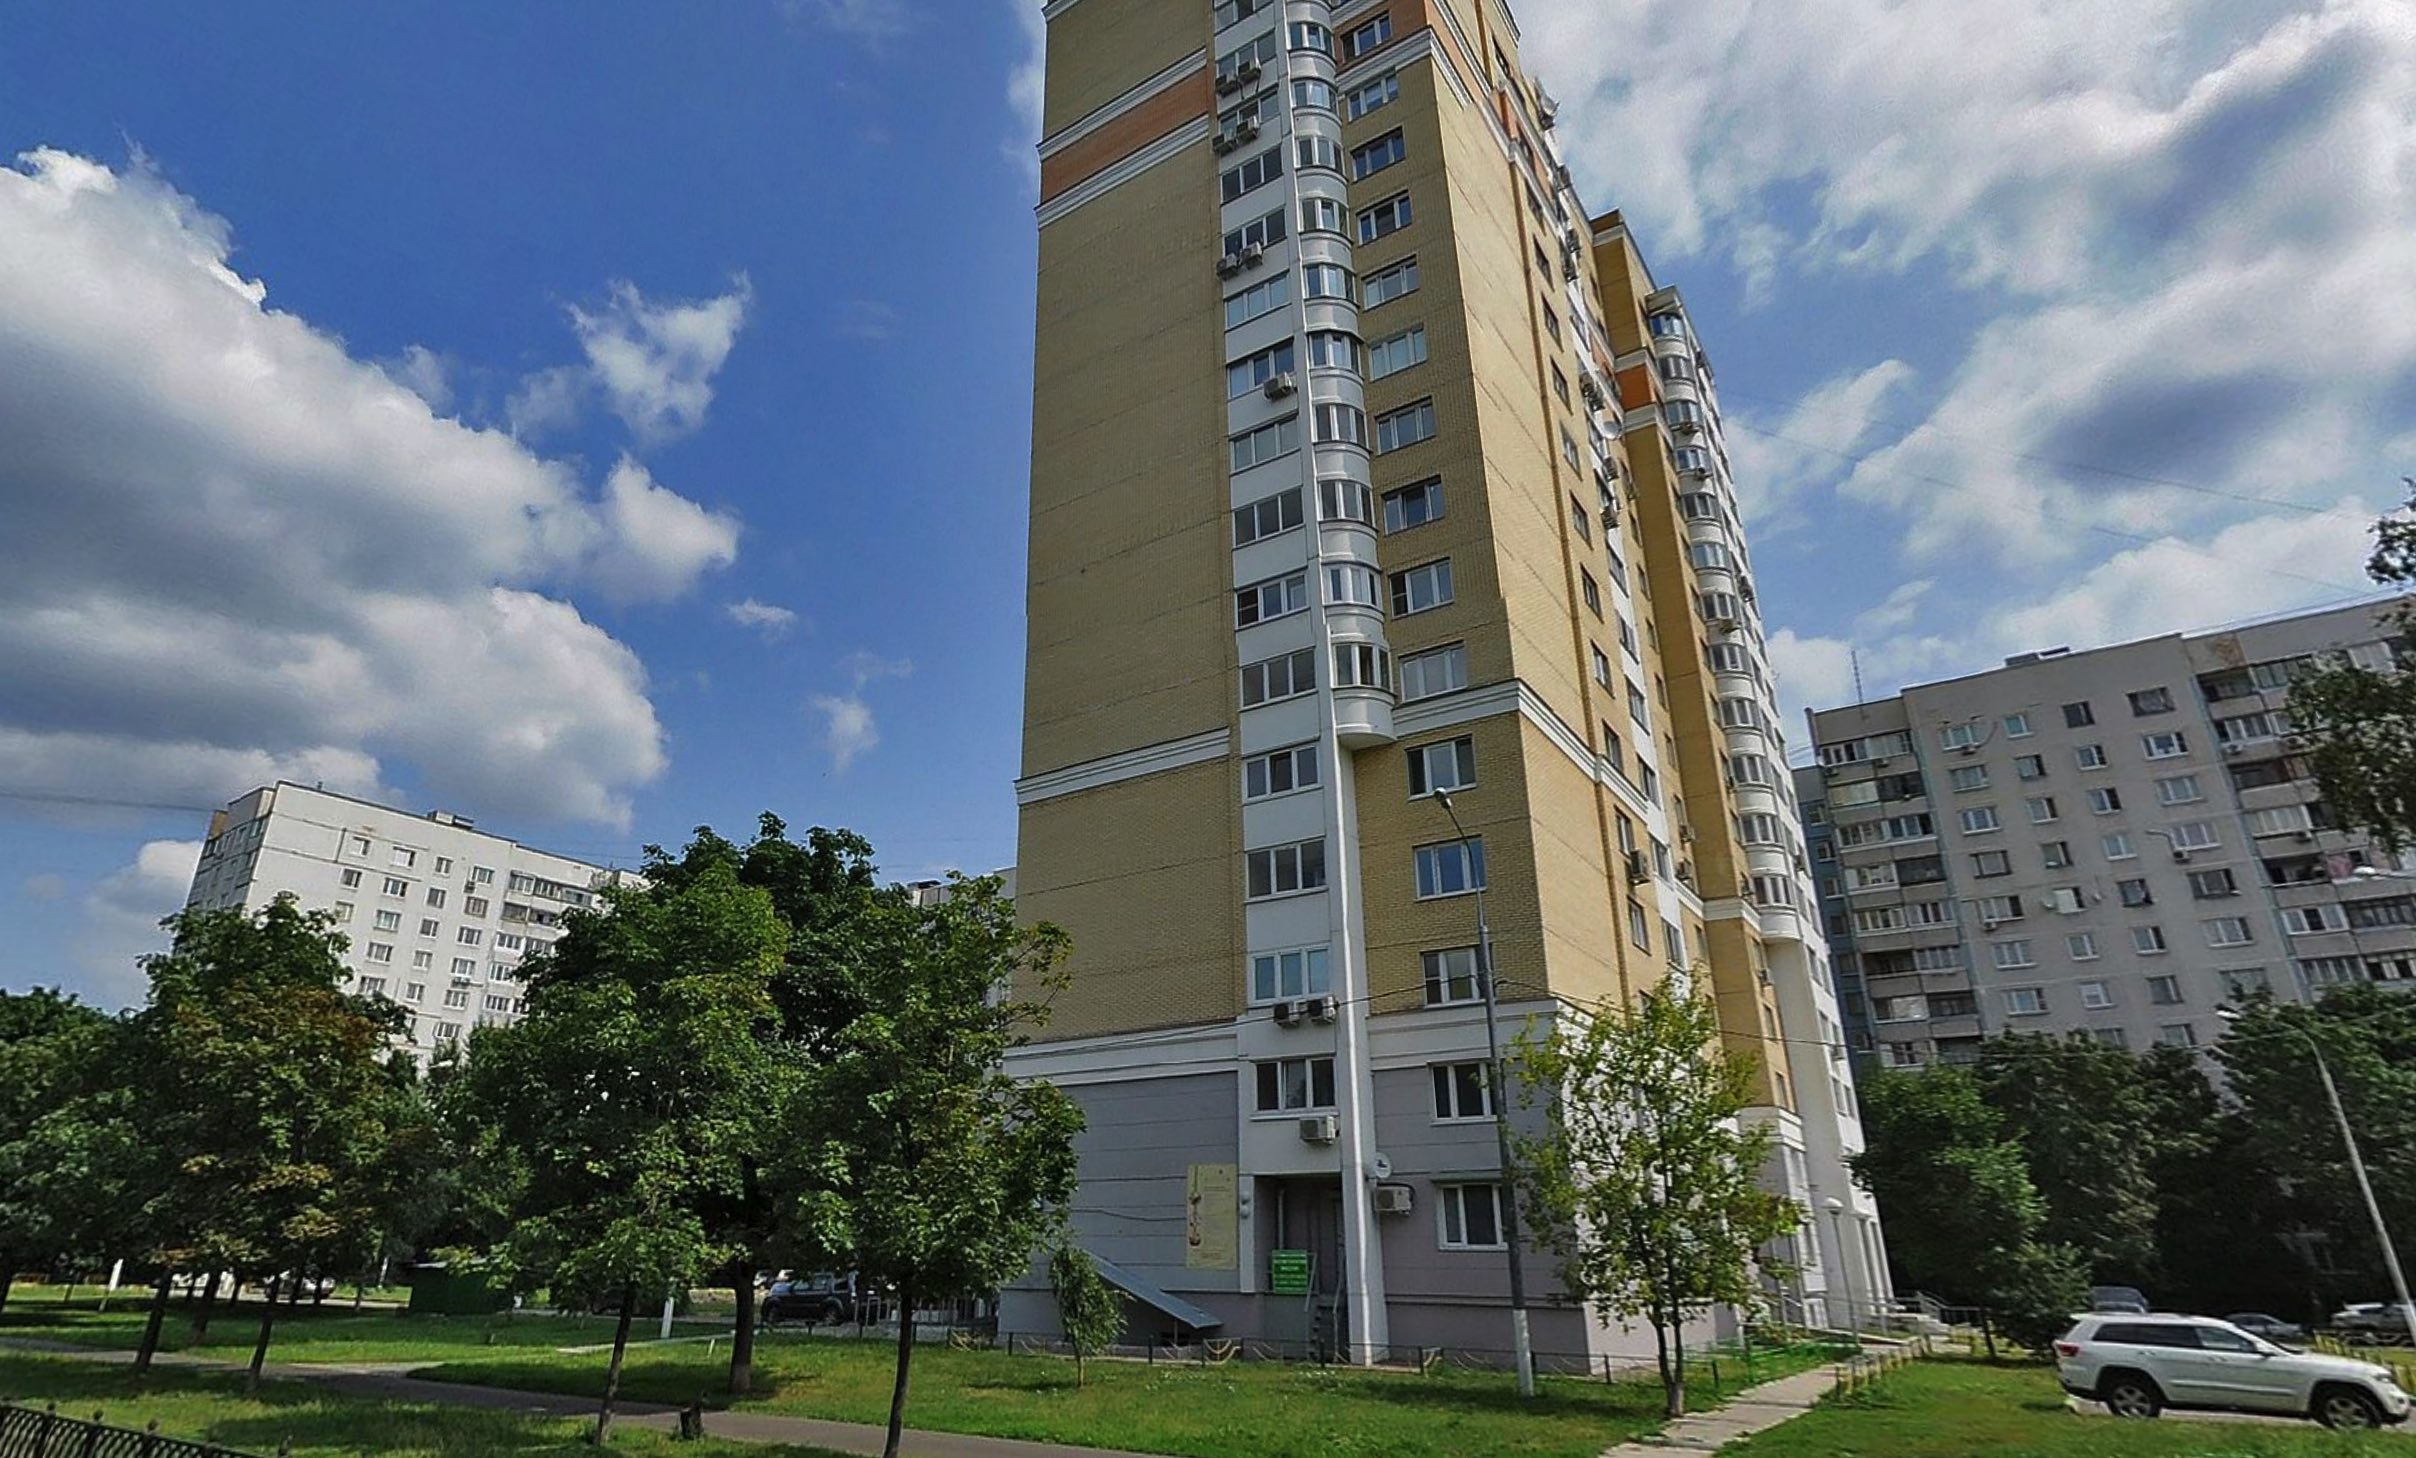 Помещение для фирмы Кленовый бульвар офисные помещения под ключ Молокова улица